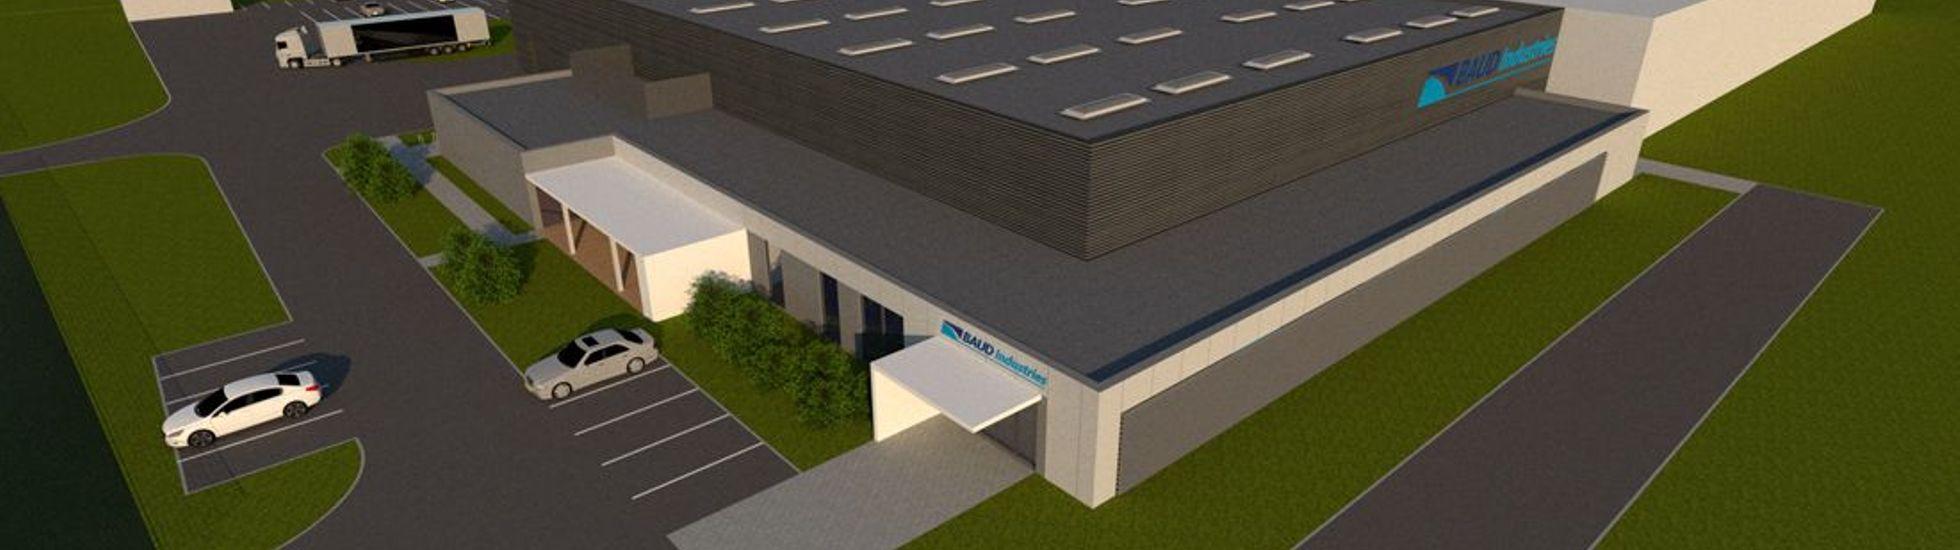 Coraz bliżej otwarcia nowej fabryki francuskiego koncernu BAUD Industries w Ząbkowicach Śląskich